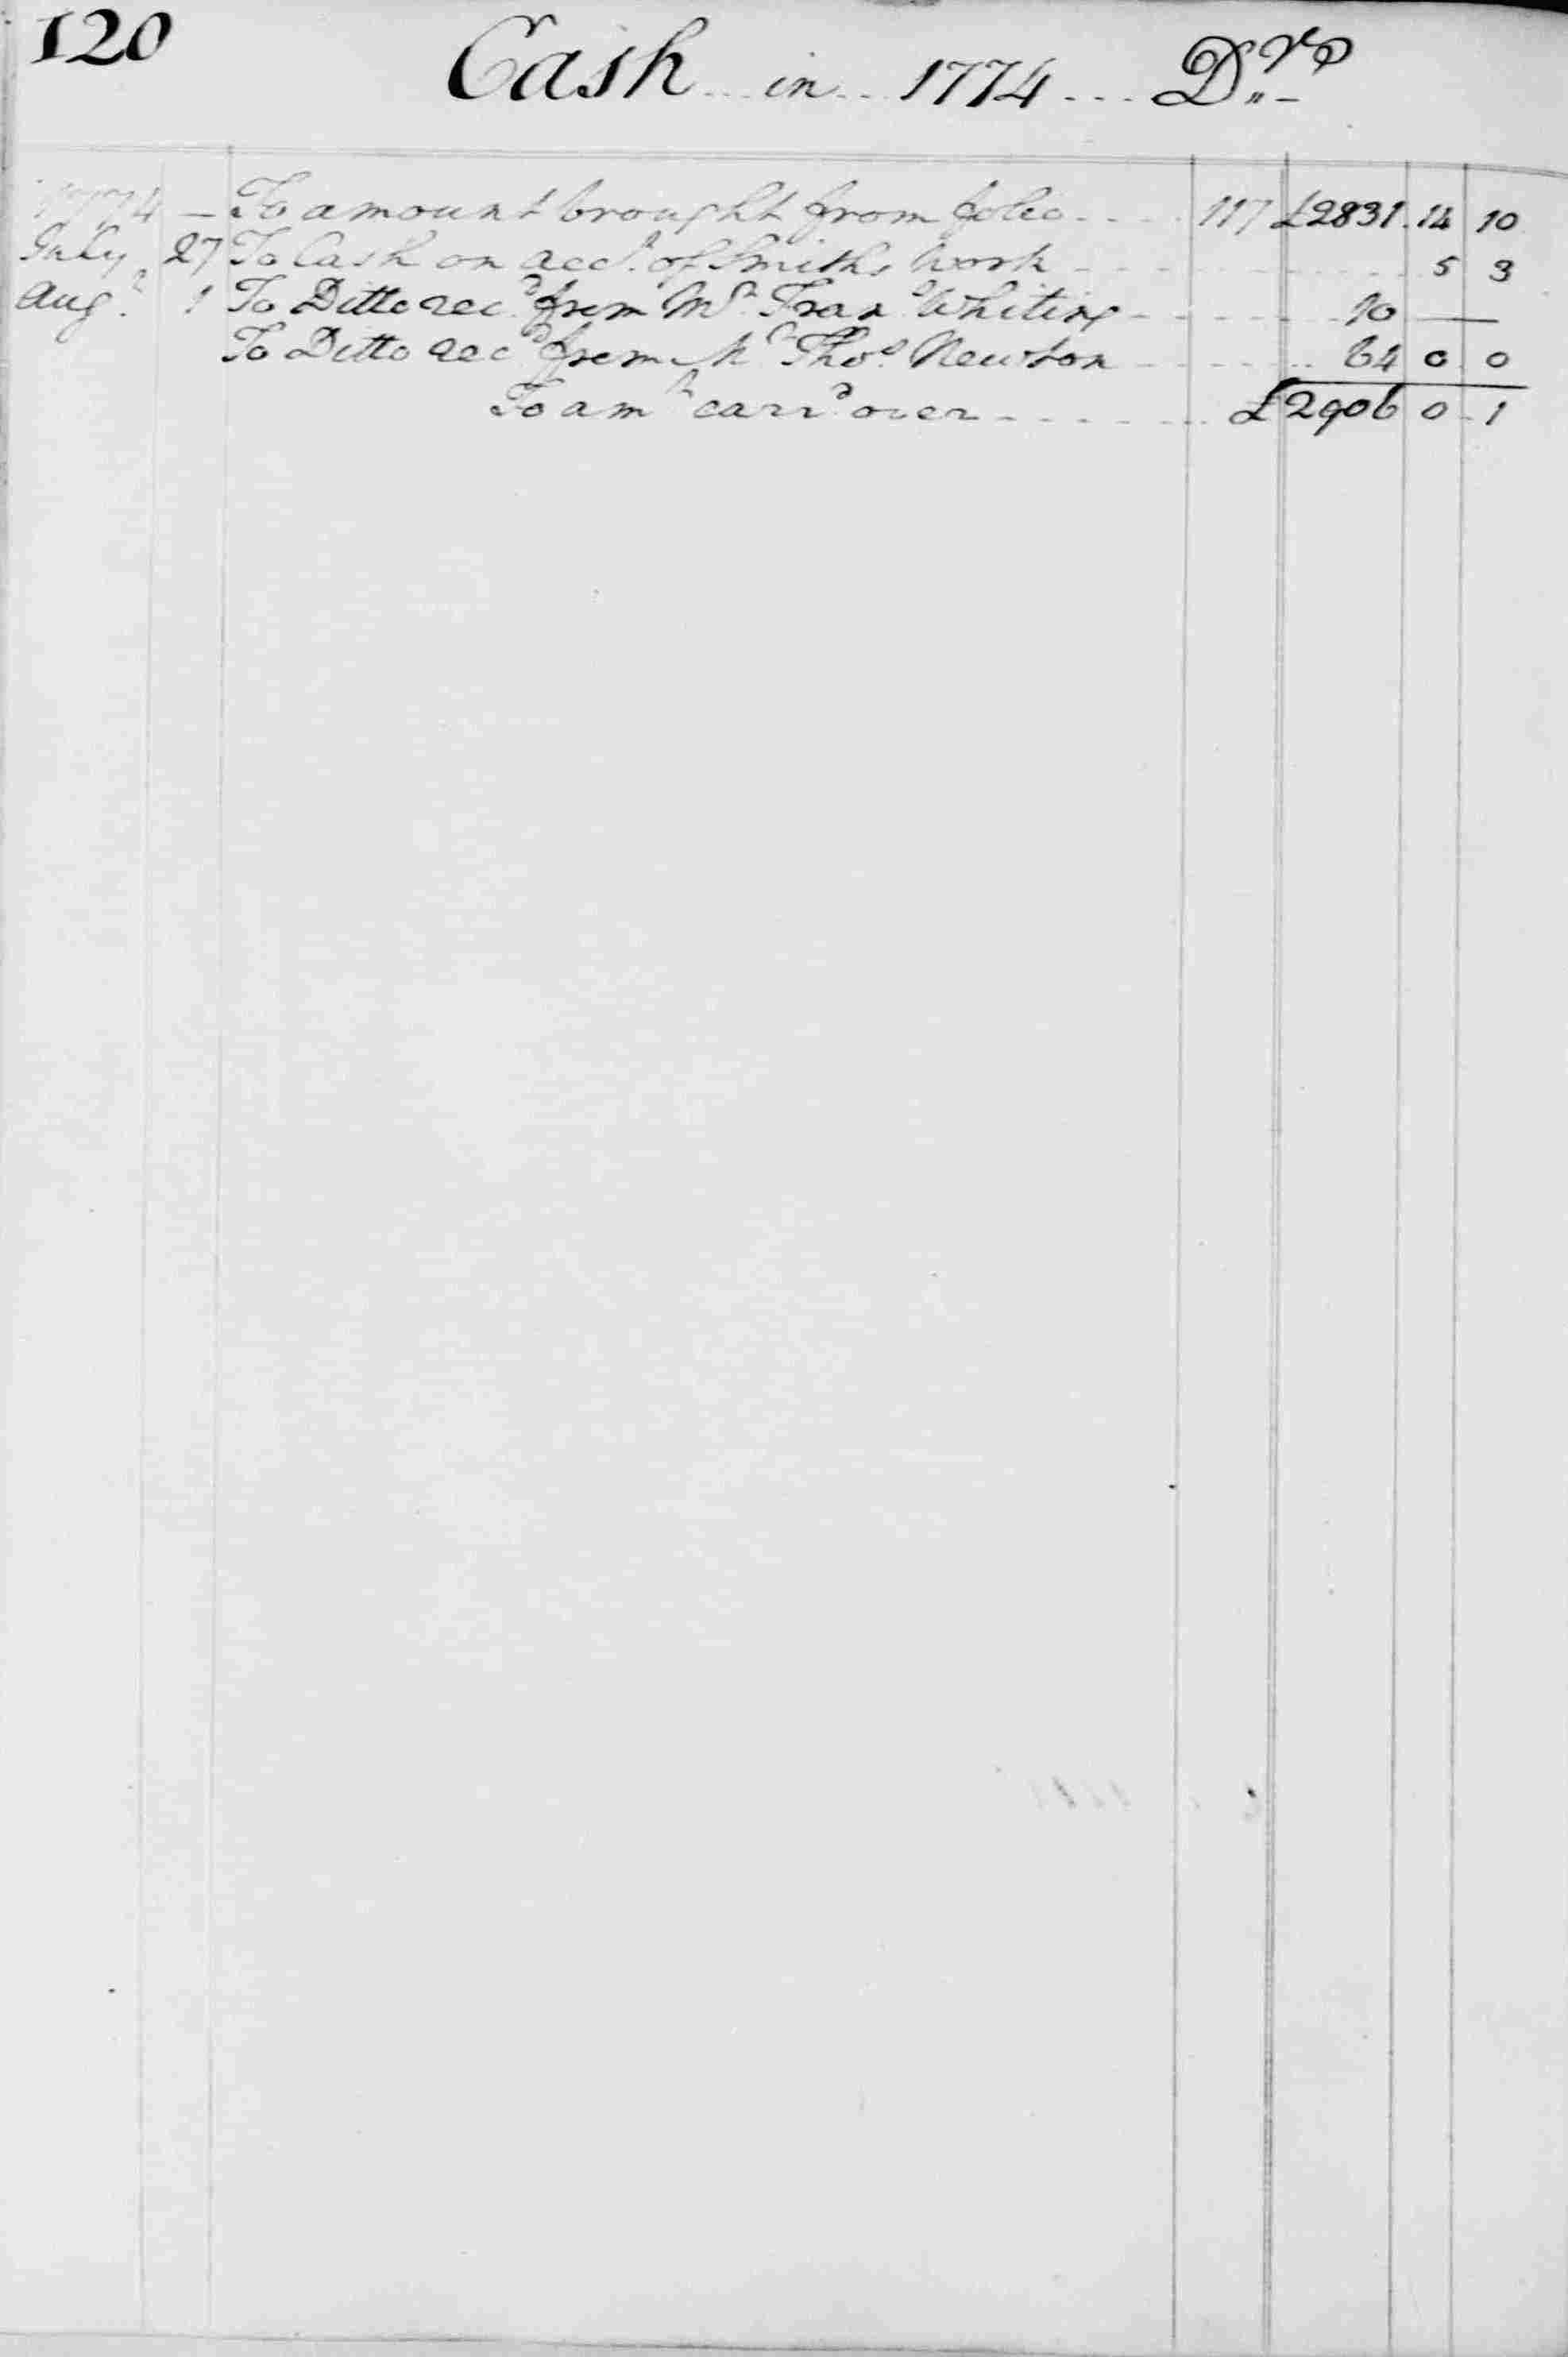 Ledger B, folio 120, left side